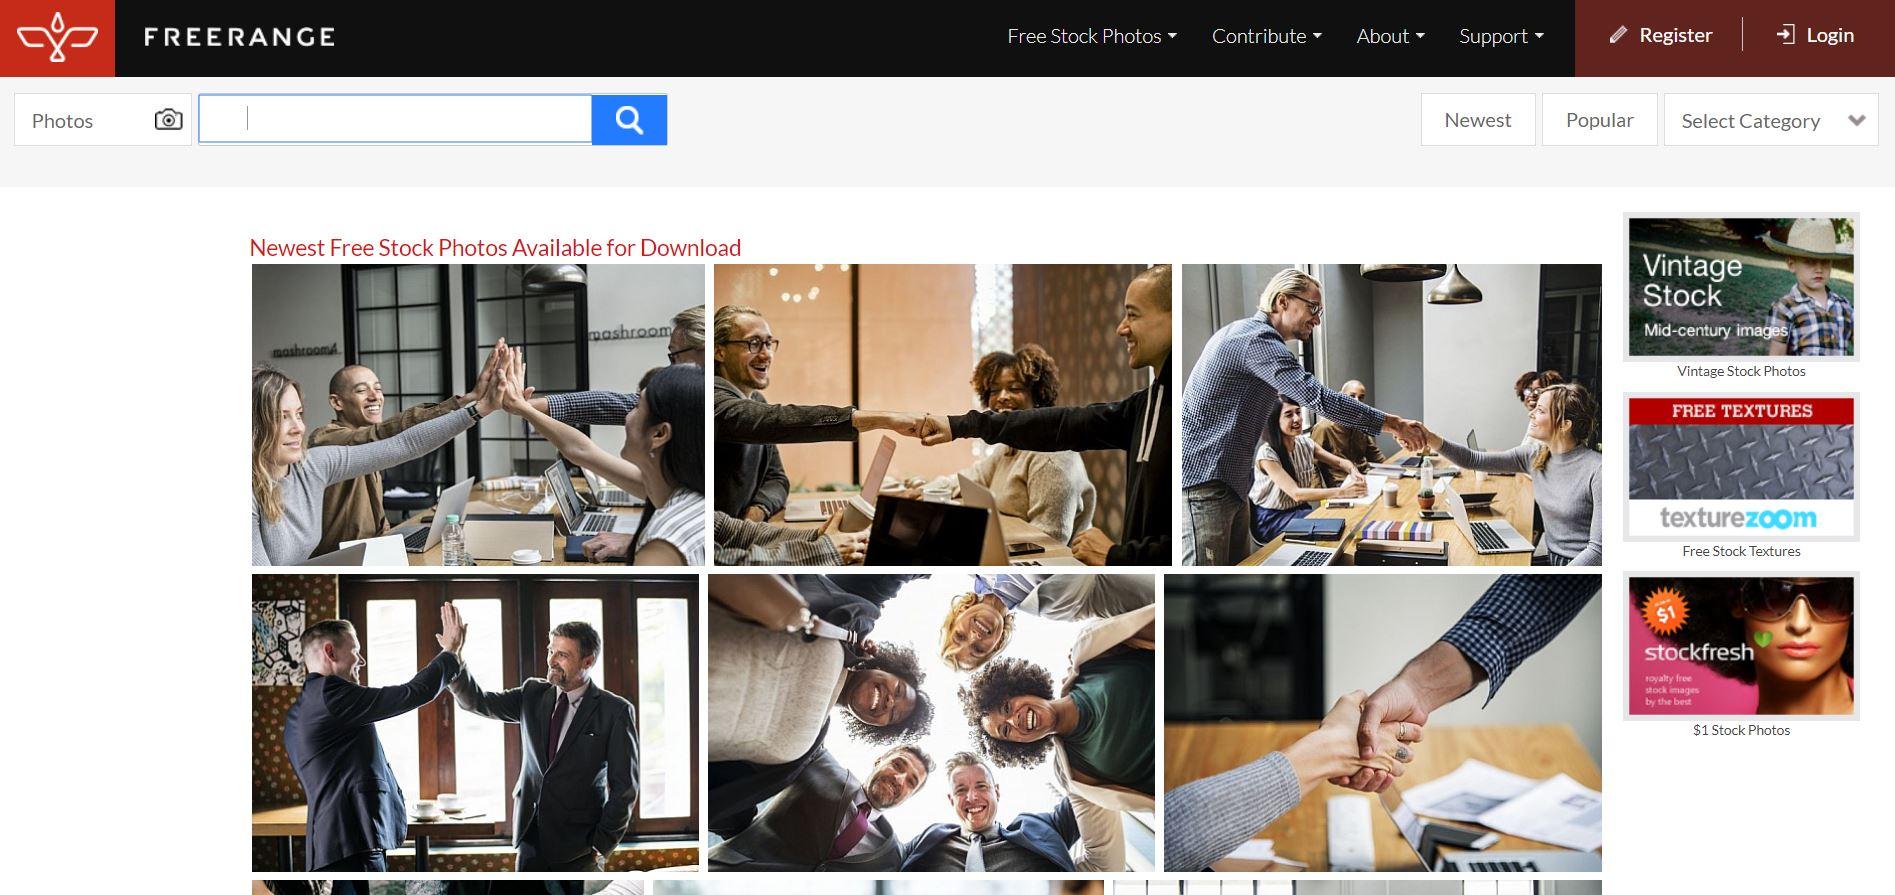 70 Bancos de Imagens Grátis Sites de Fotos Gratuitas 13